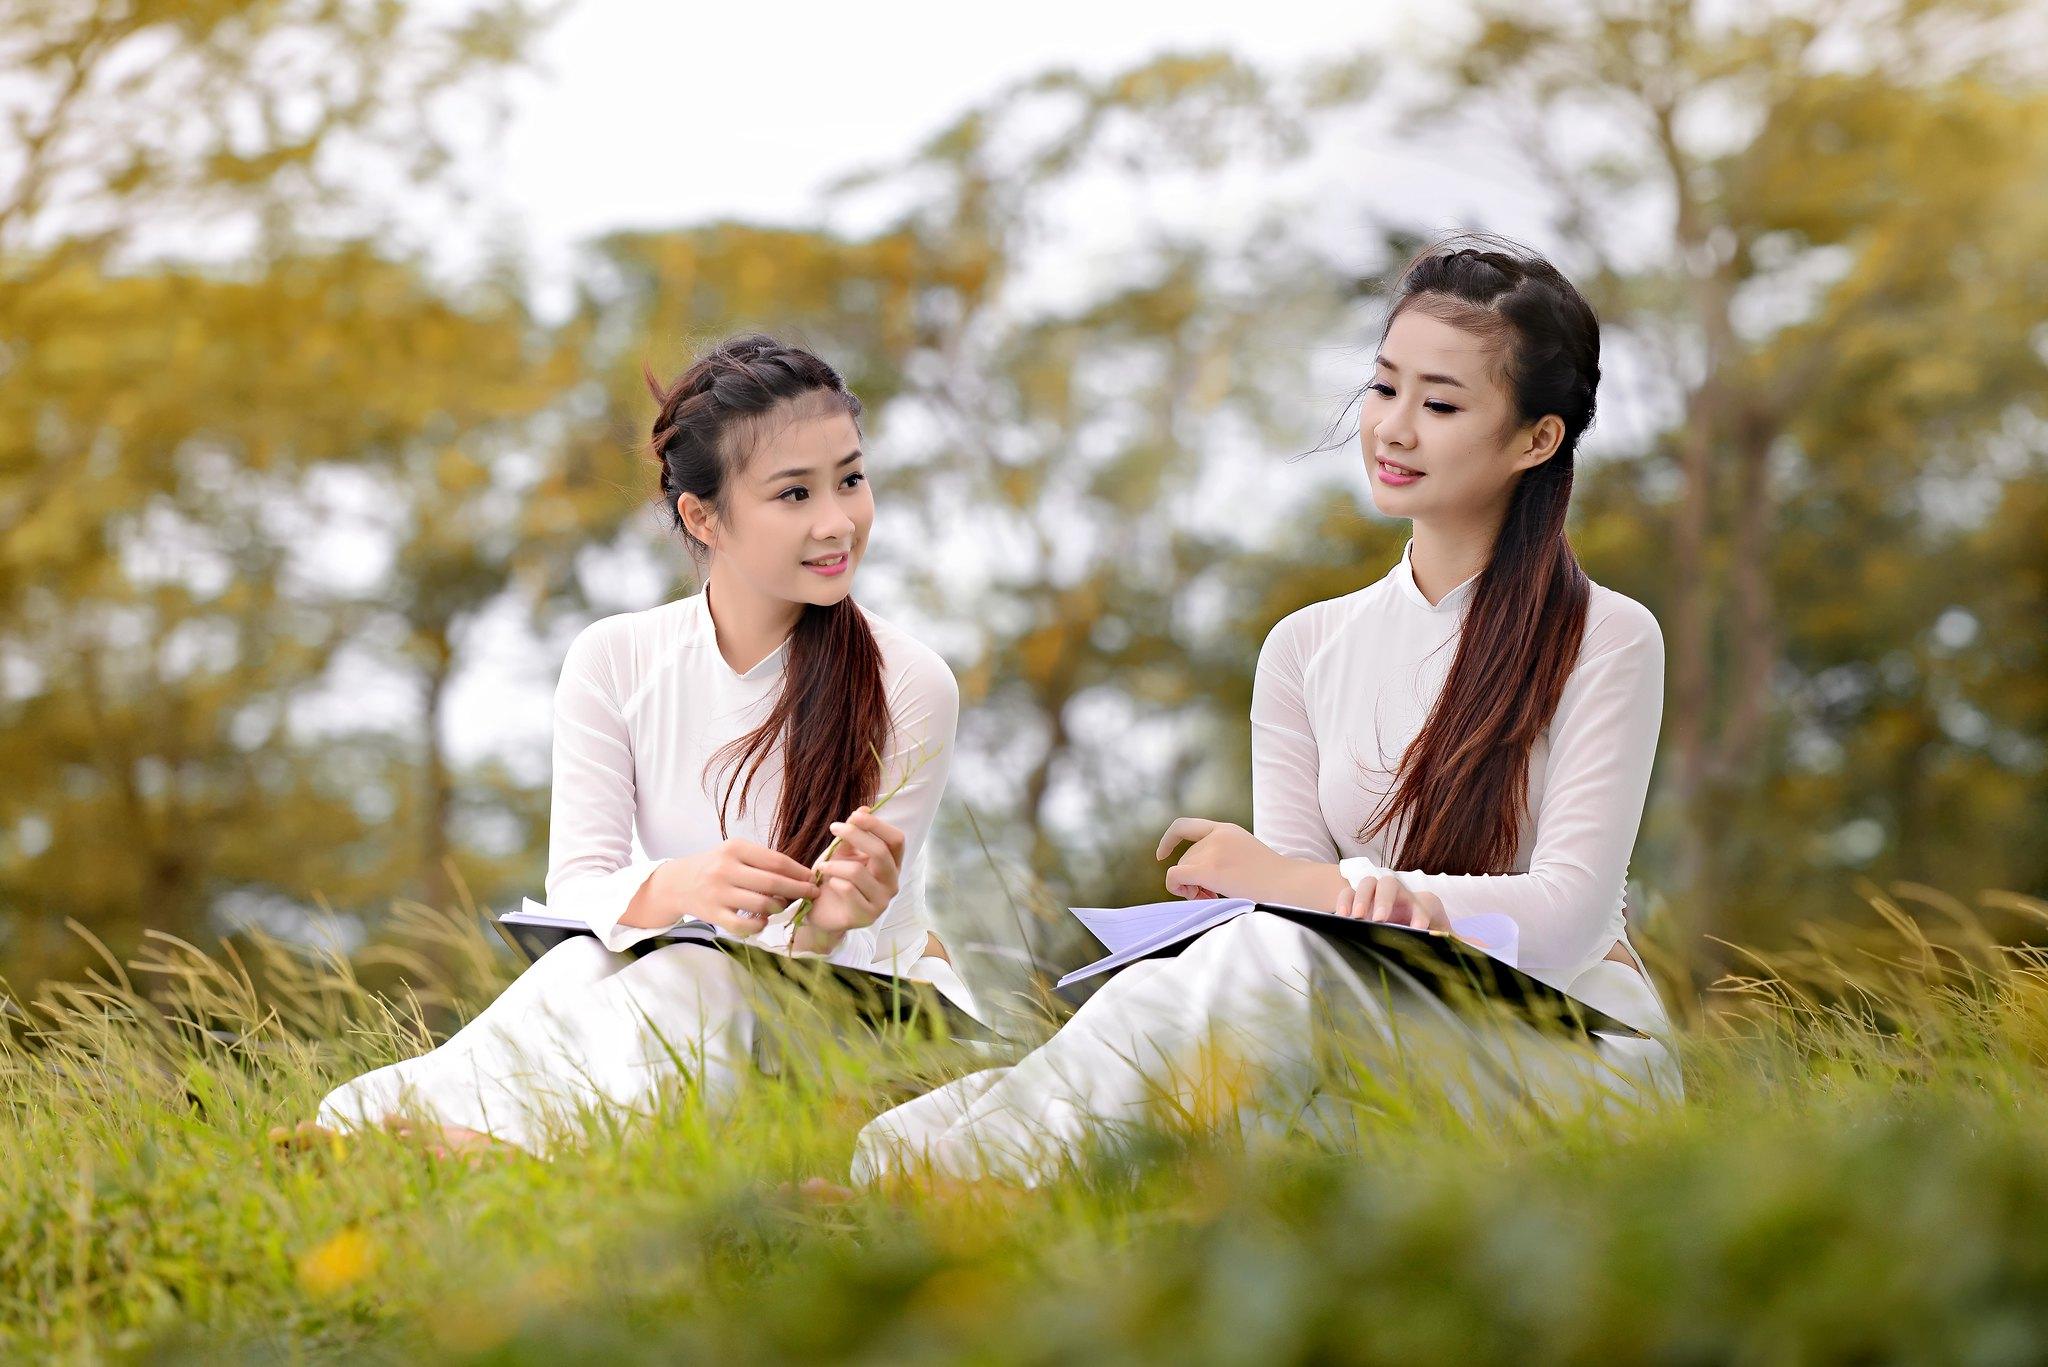 Áo dài trắng - Heo may Tháng 9